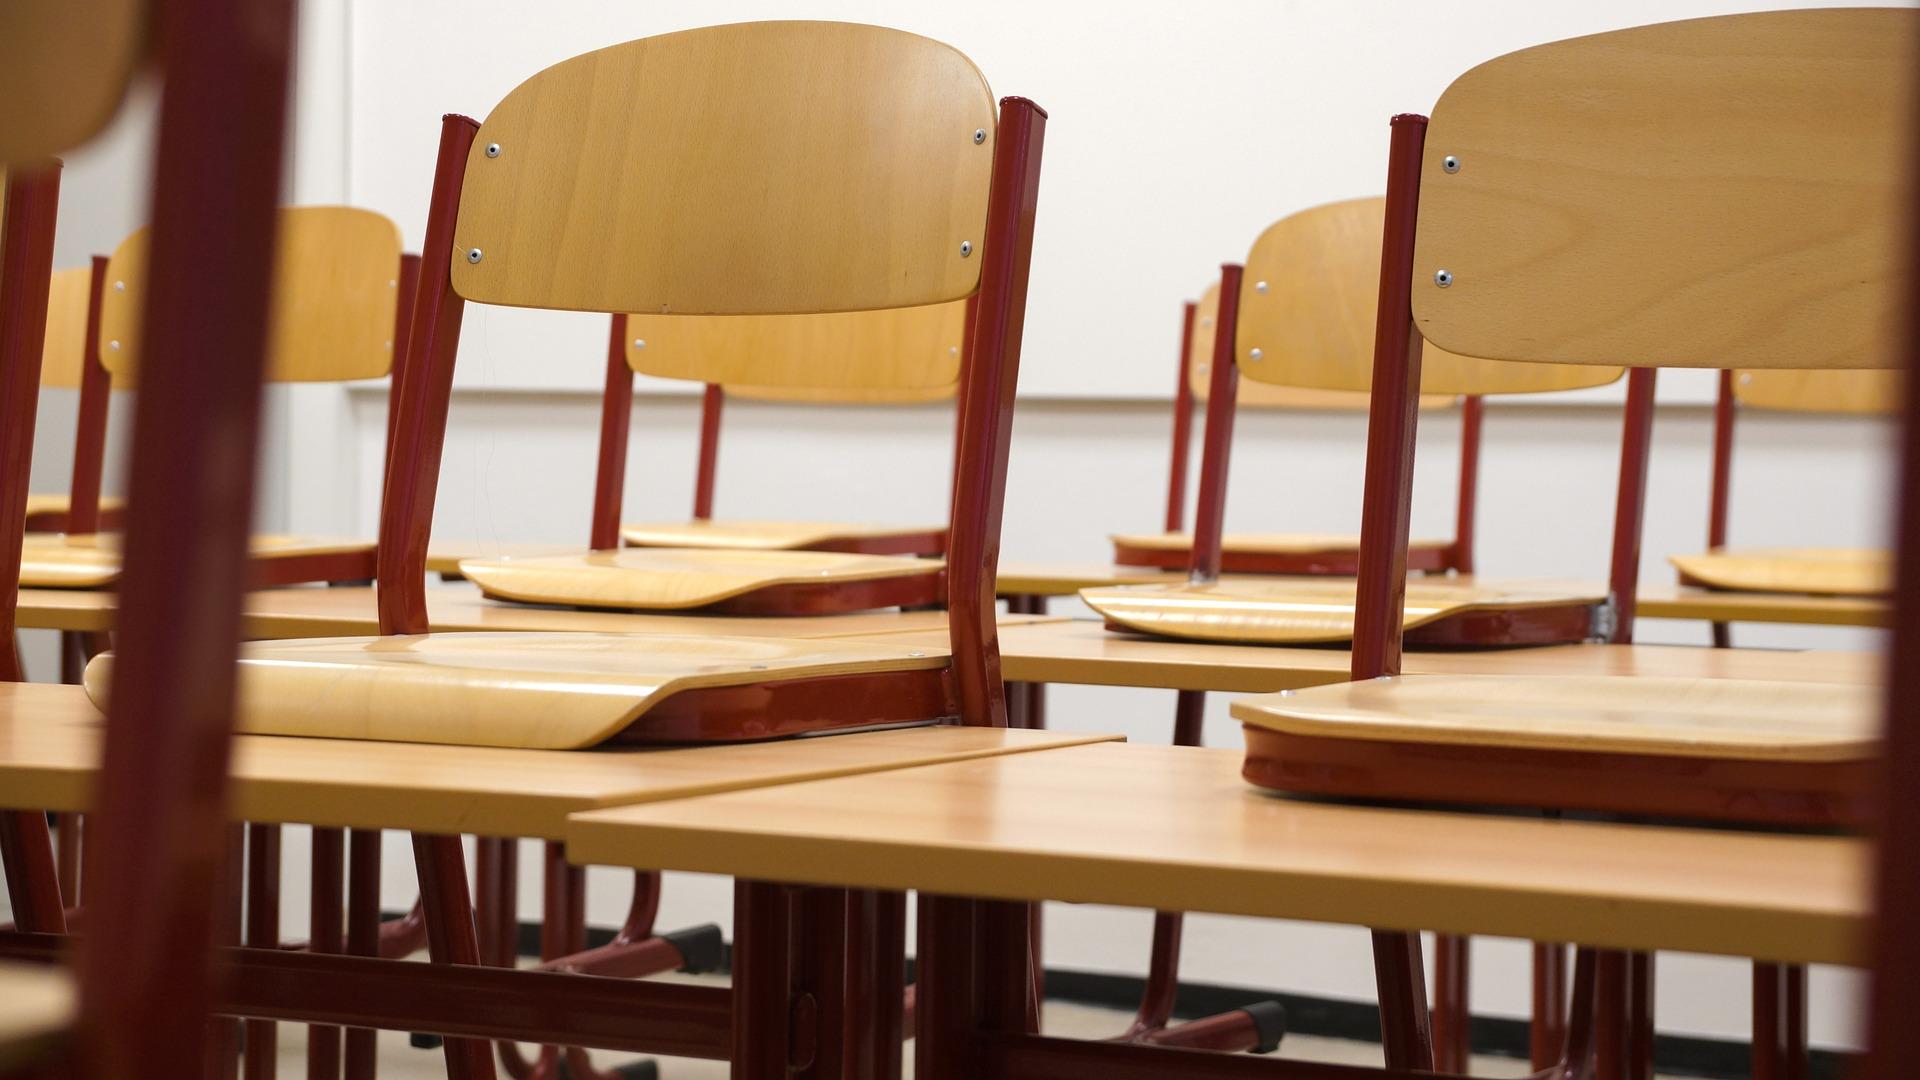 Diákokról állított hazugságot a kormányközeli lap